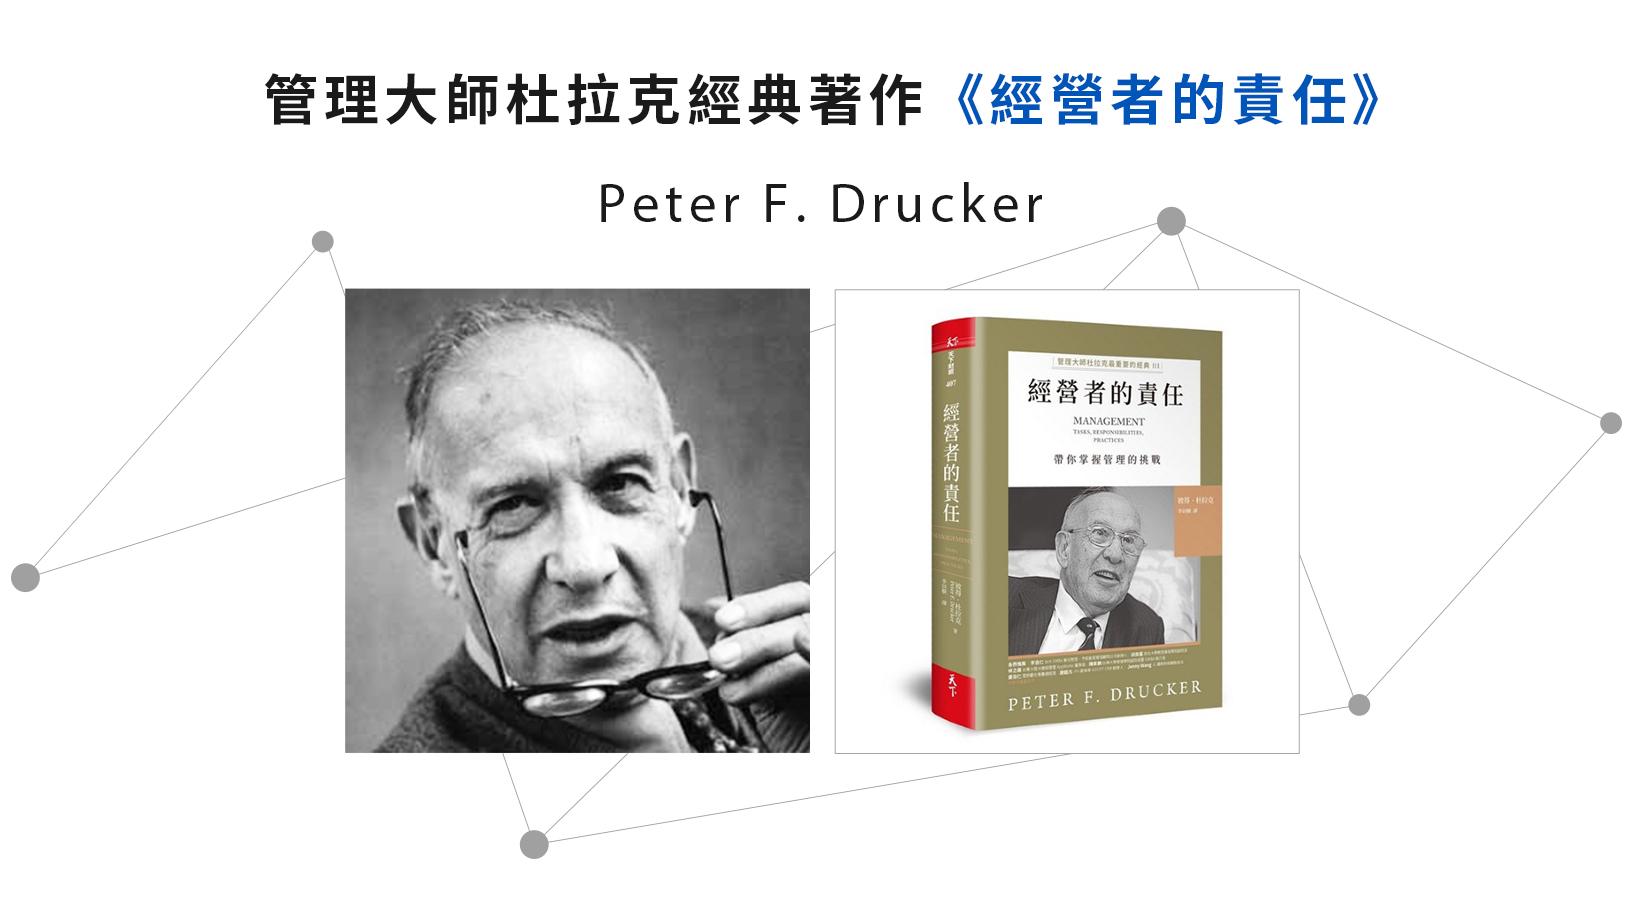 管理大師杜拉克經典著作《經營者的責任》